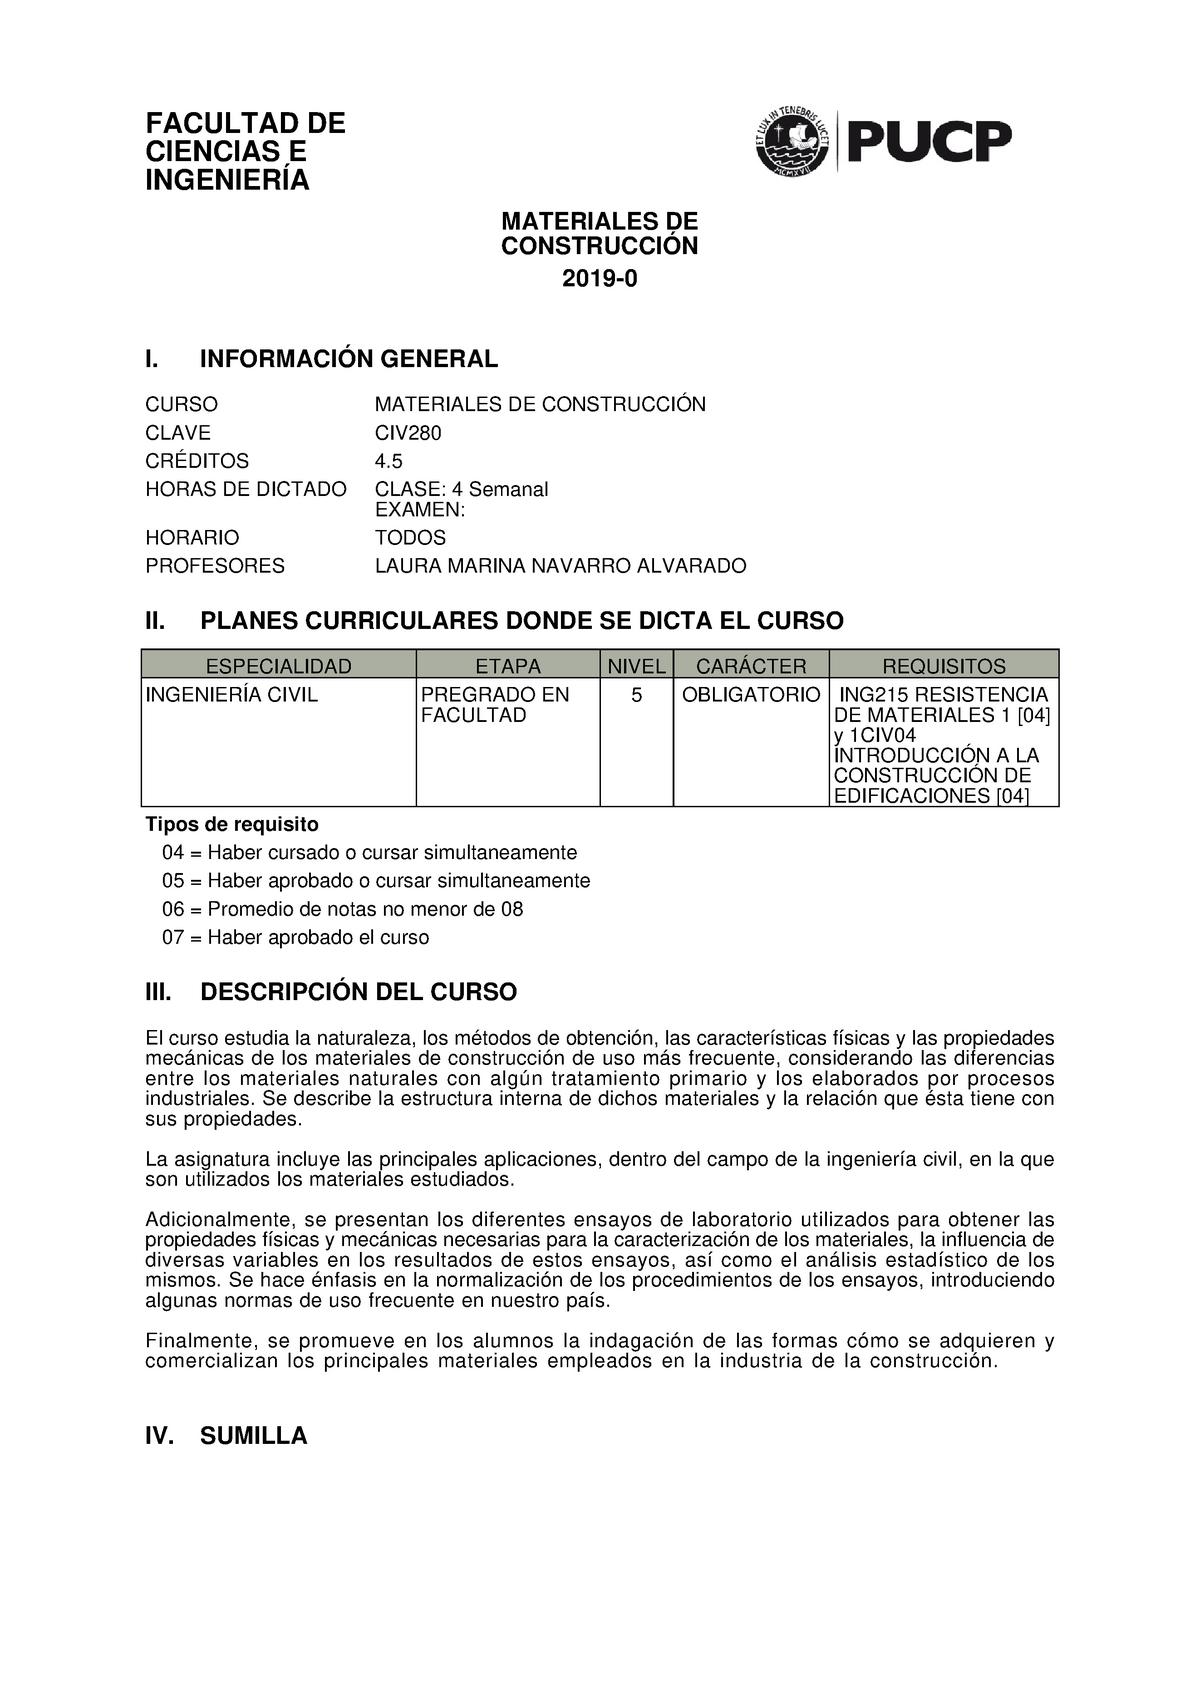 Civ280 2019 0 Nota 9 Materiales De Contrucción Civ280